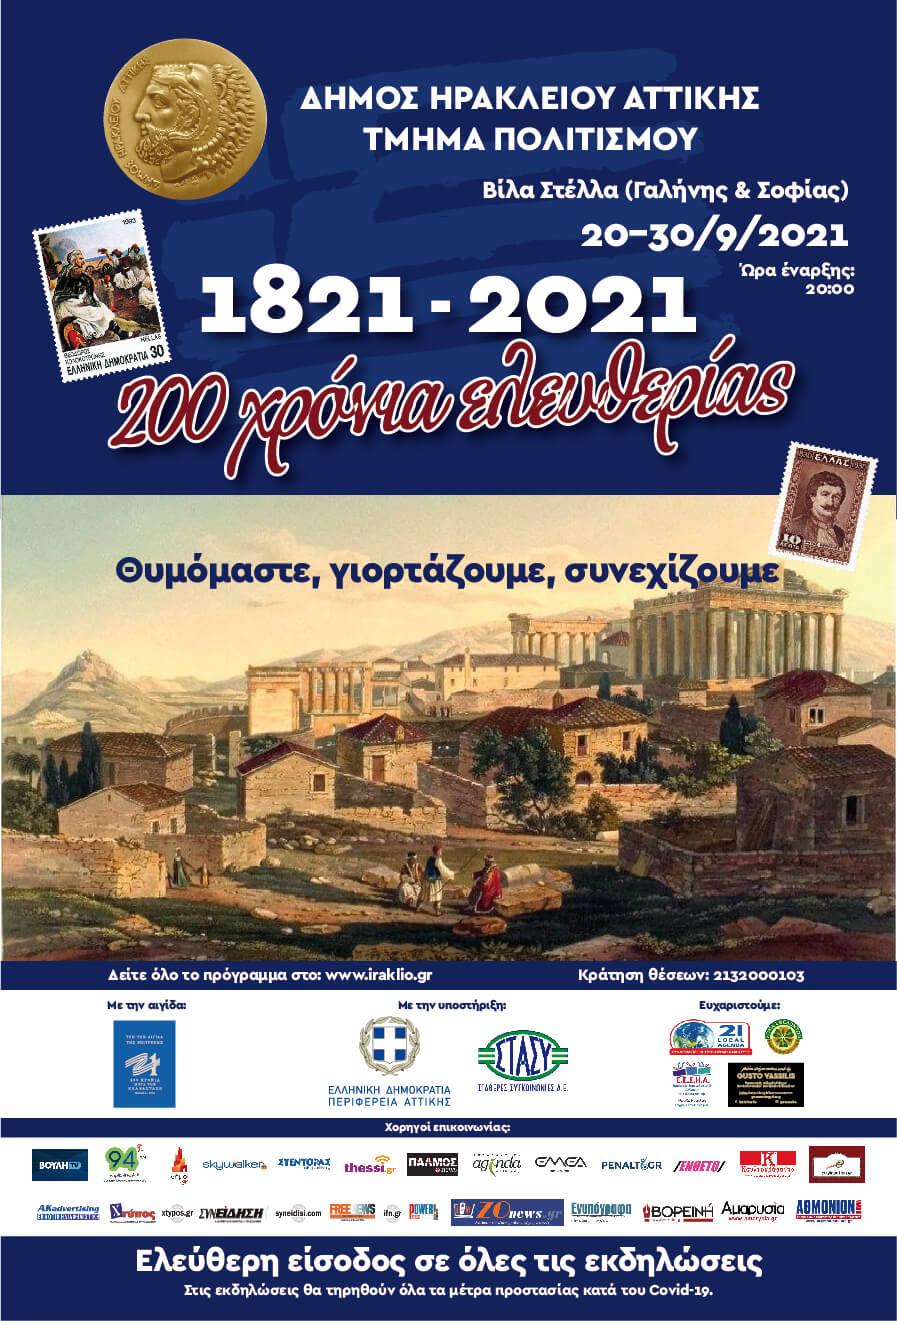 Πολιτιστικό φθινόπωρο αφιερωμένο στα 200 χρόνια της Ελληνικής Επανάστασης από τον Δήμο Ηρακλείου Αττικής